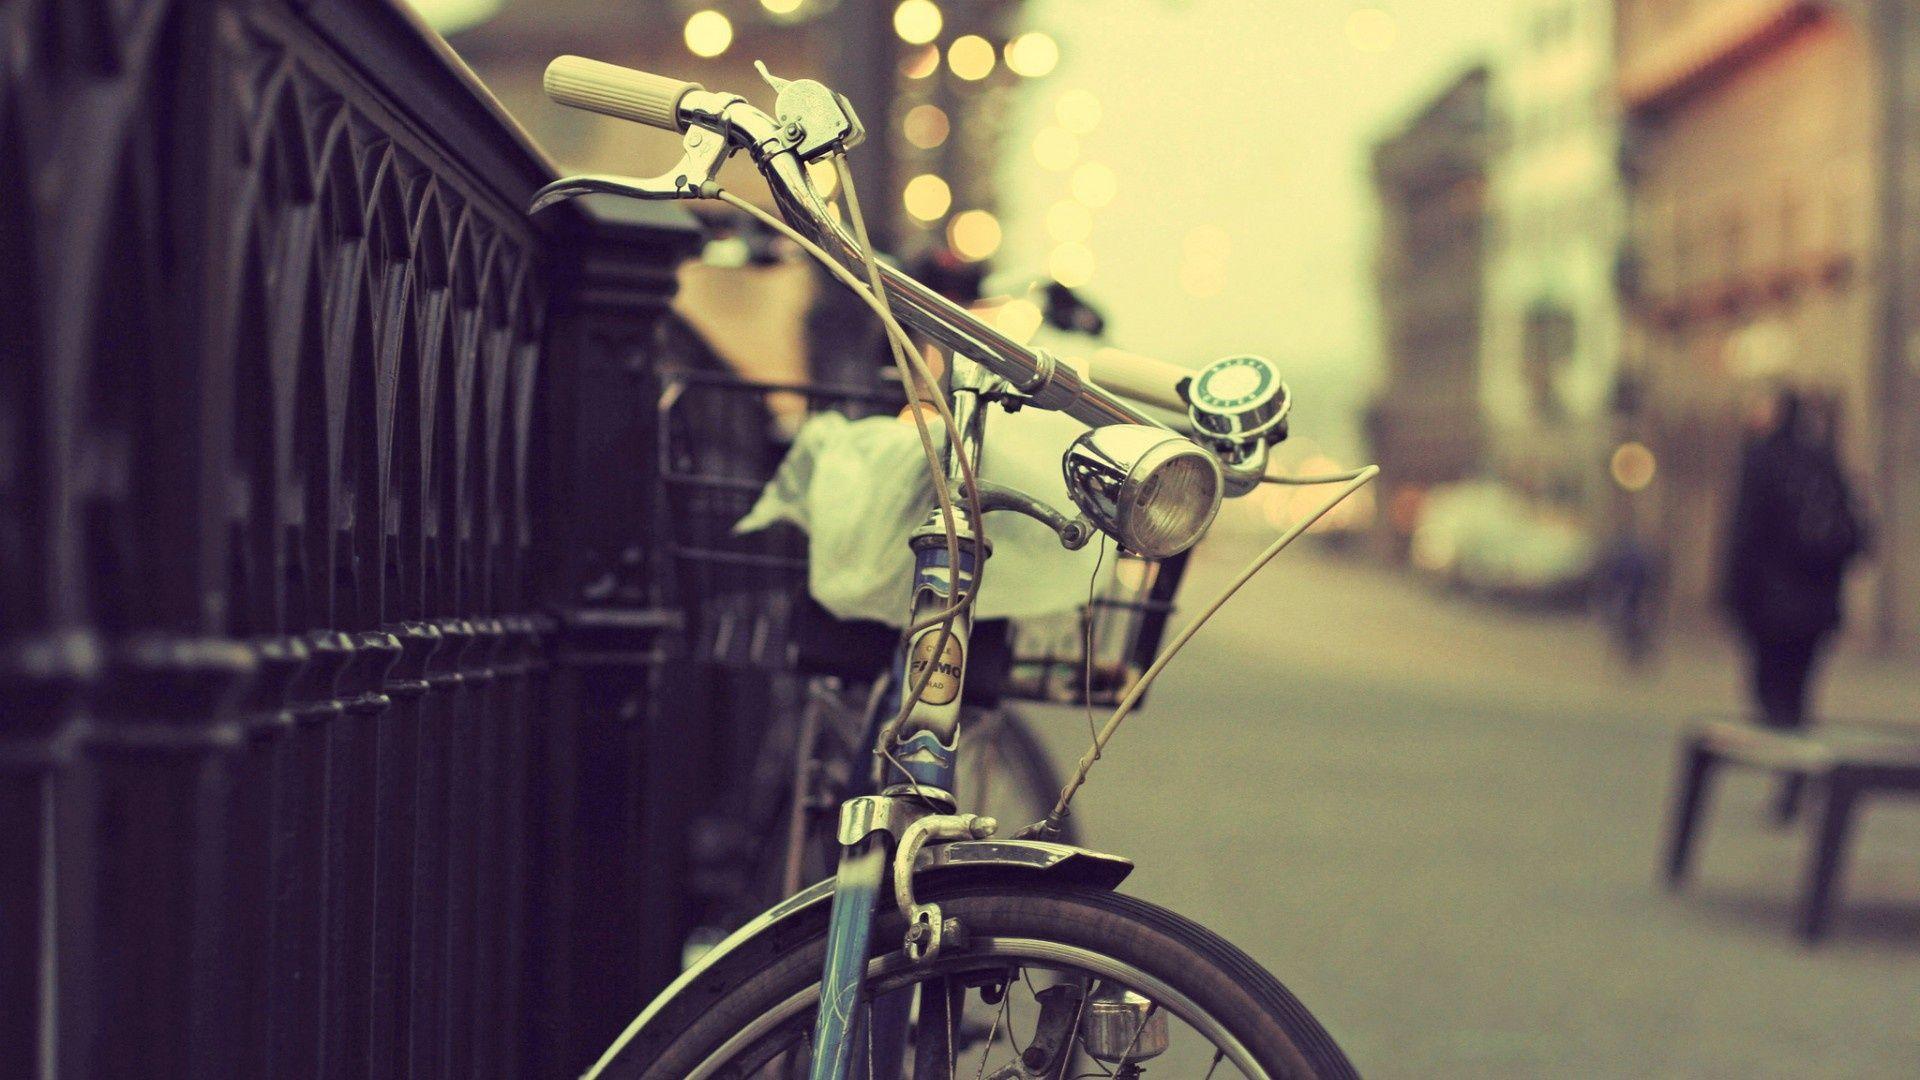 Desktop Hd Vintage Bike Images Desktop Wallpaper Loves Pinterest